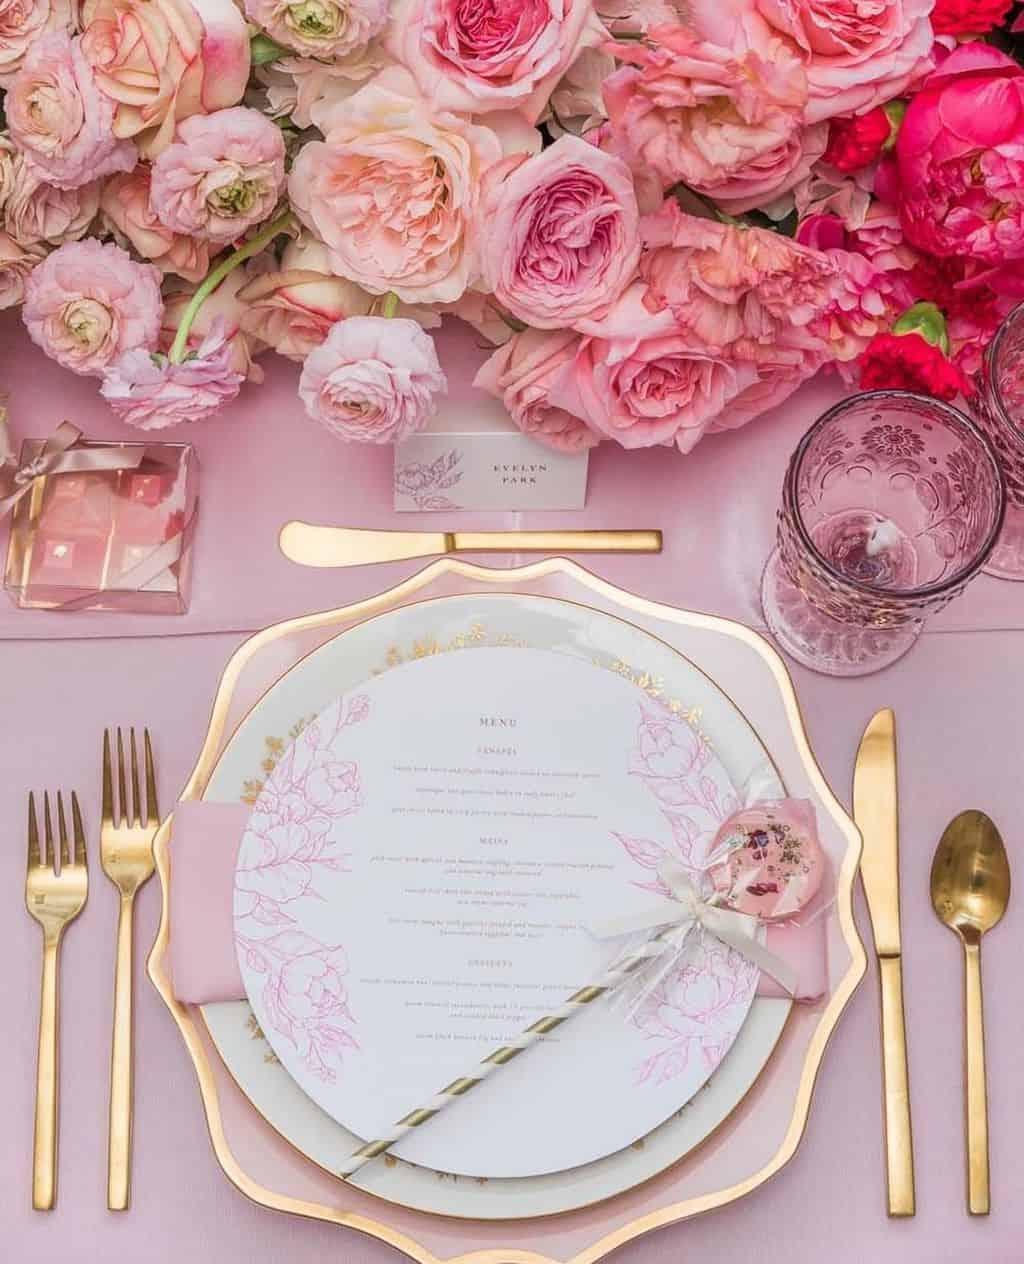 ピンクのバラの花言葉は?色や本数で意味が変わるバラをプレゼントに♡のカバー写真